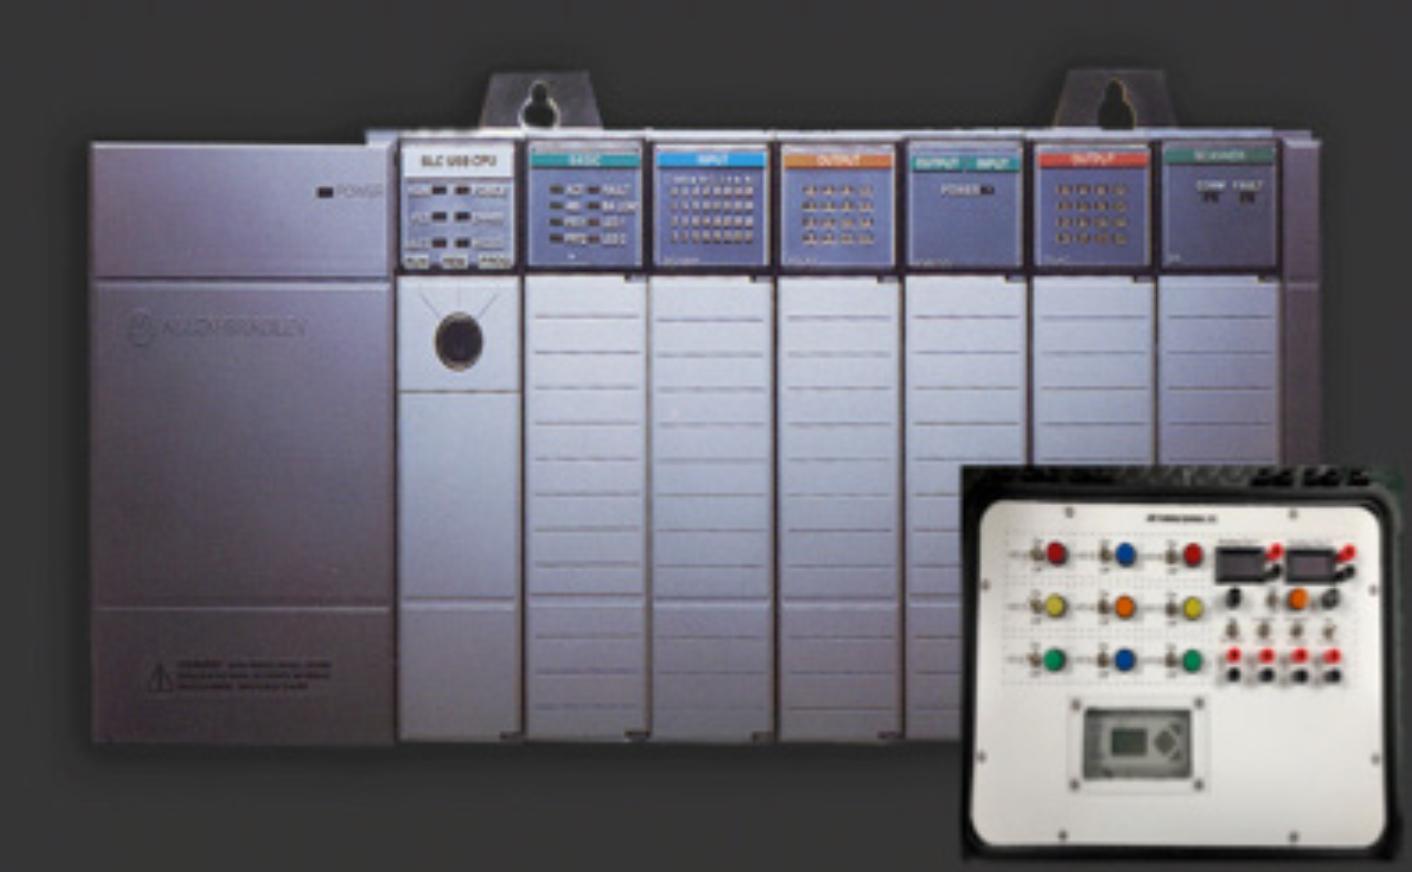 RSLogix 500 Test Equipment